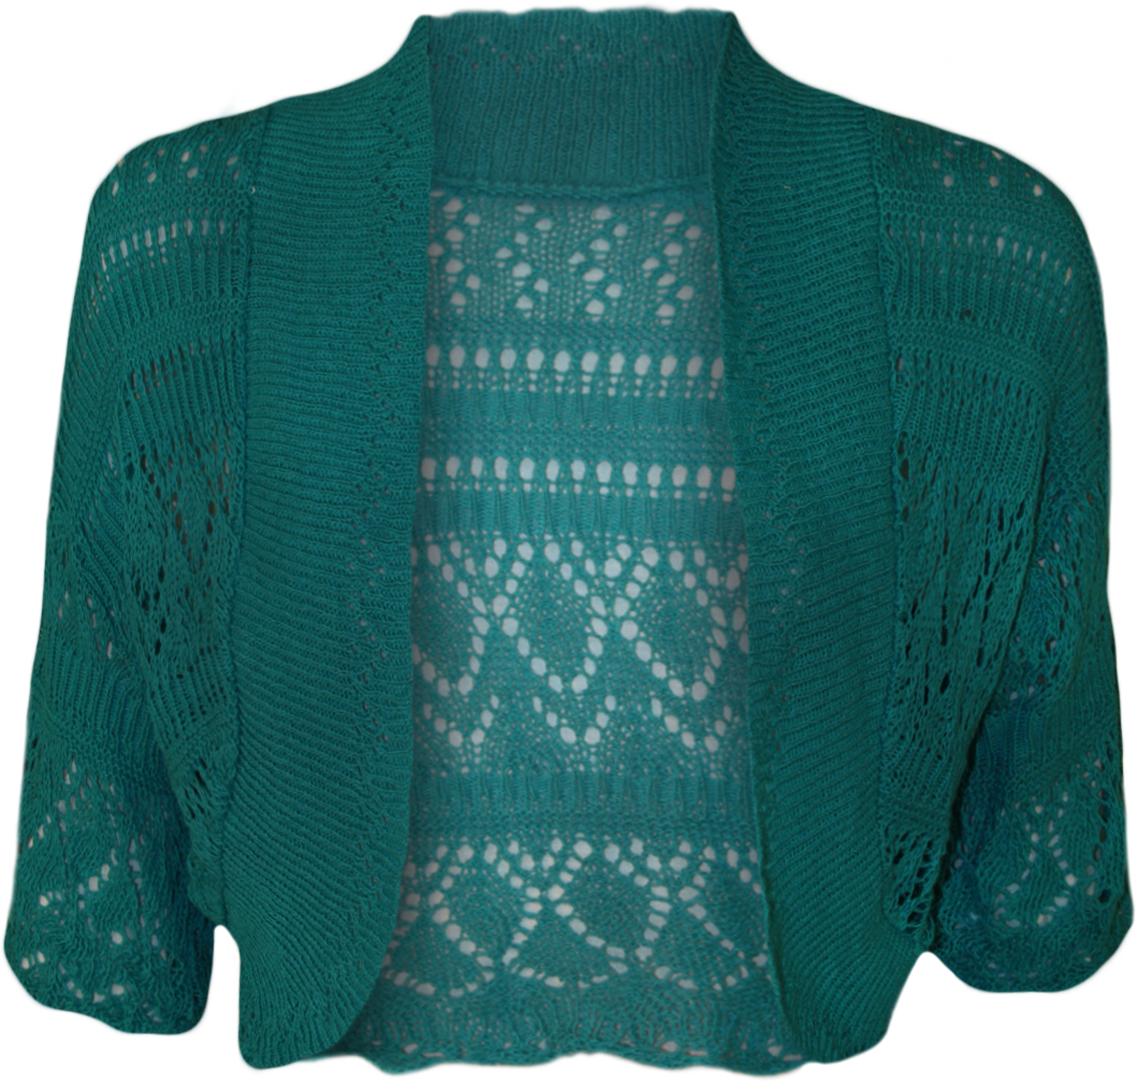 bolero femme tricot crochet manches courtes haut chale 42 46. Black Bedroom Furniture Sets. Home Design Ideas